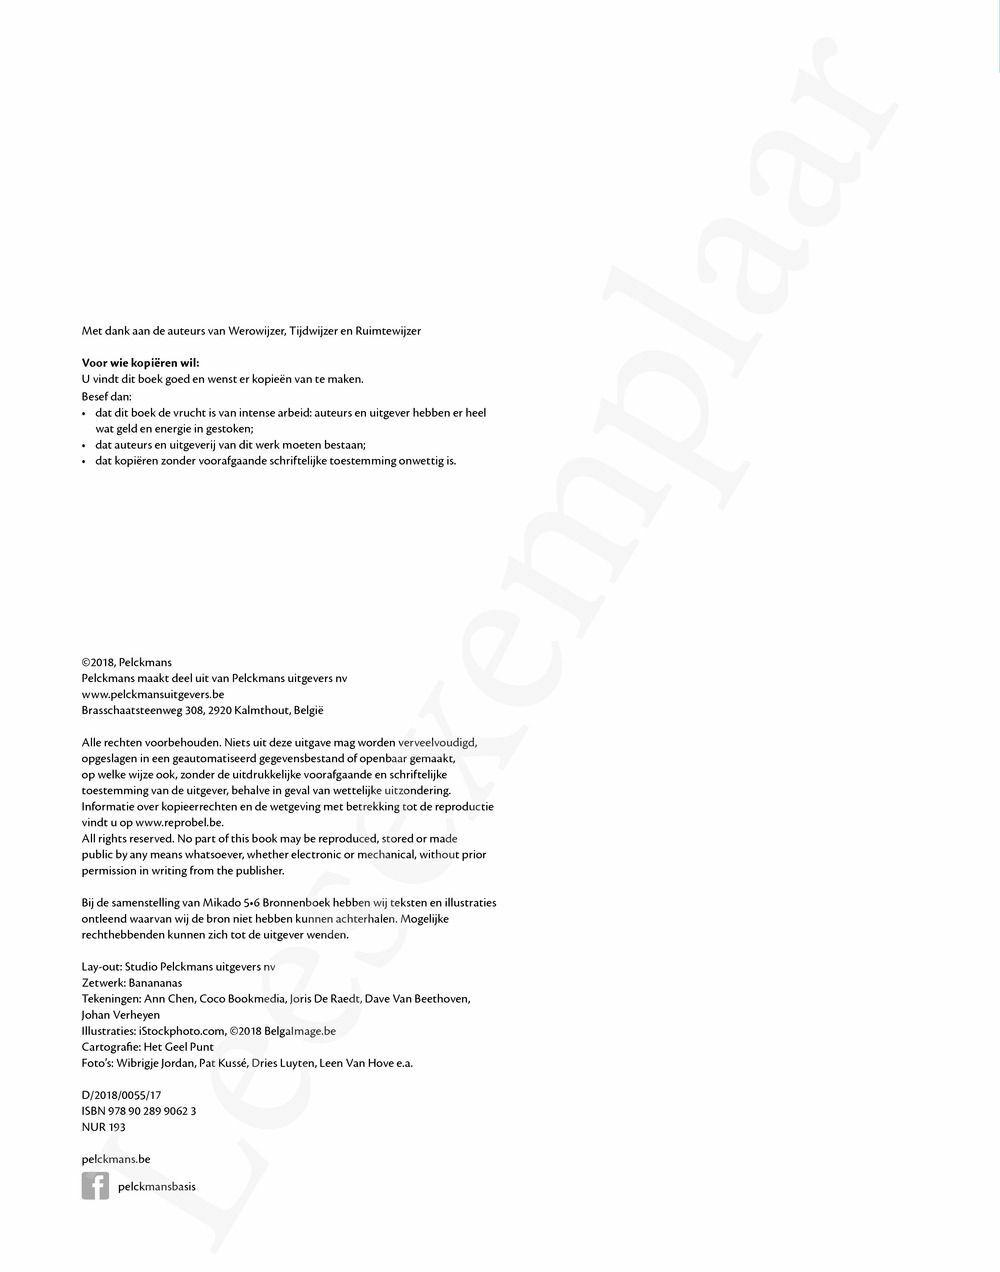 Preview: Mikado 5/6 Bronnenboek (editie 2018)